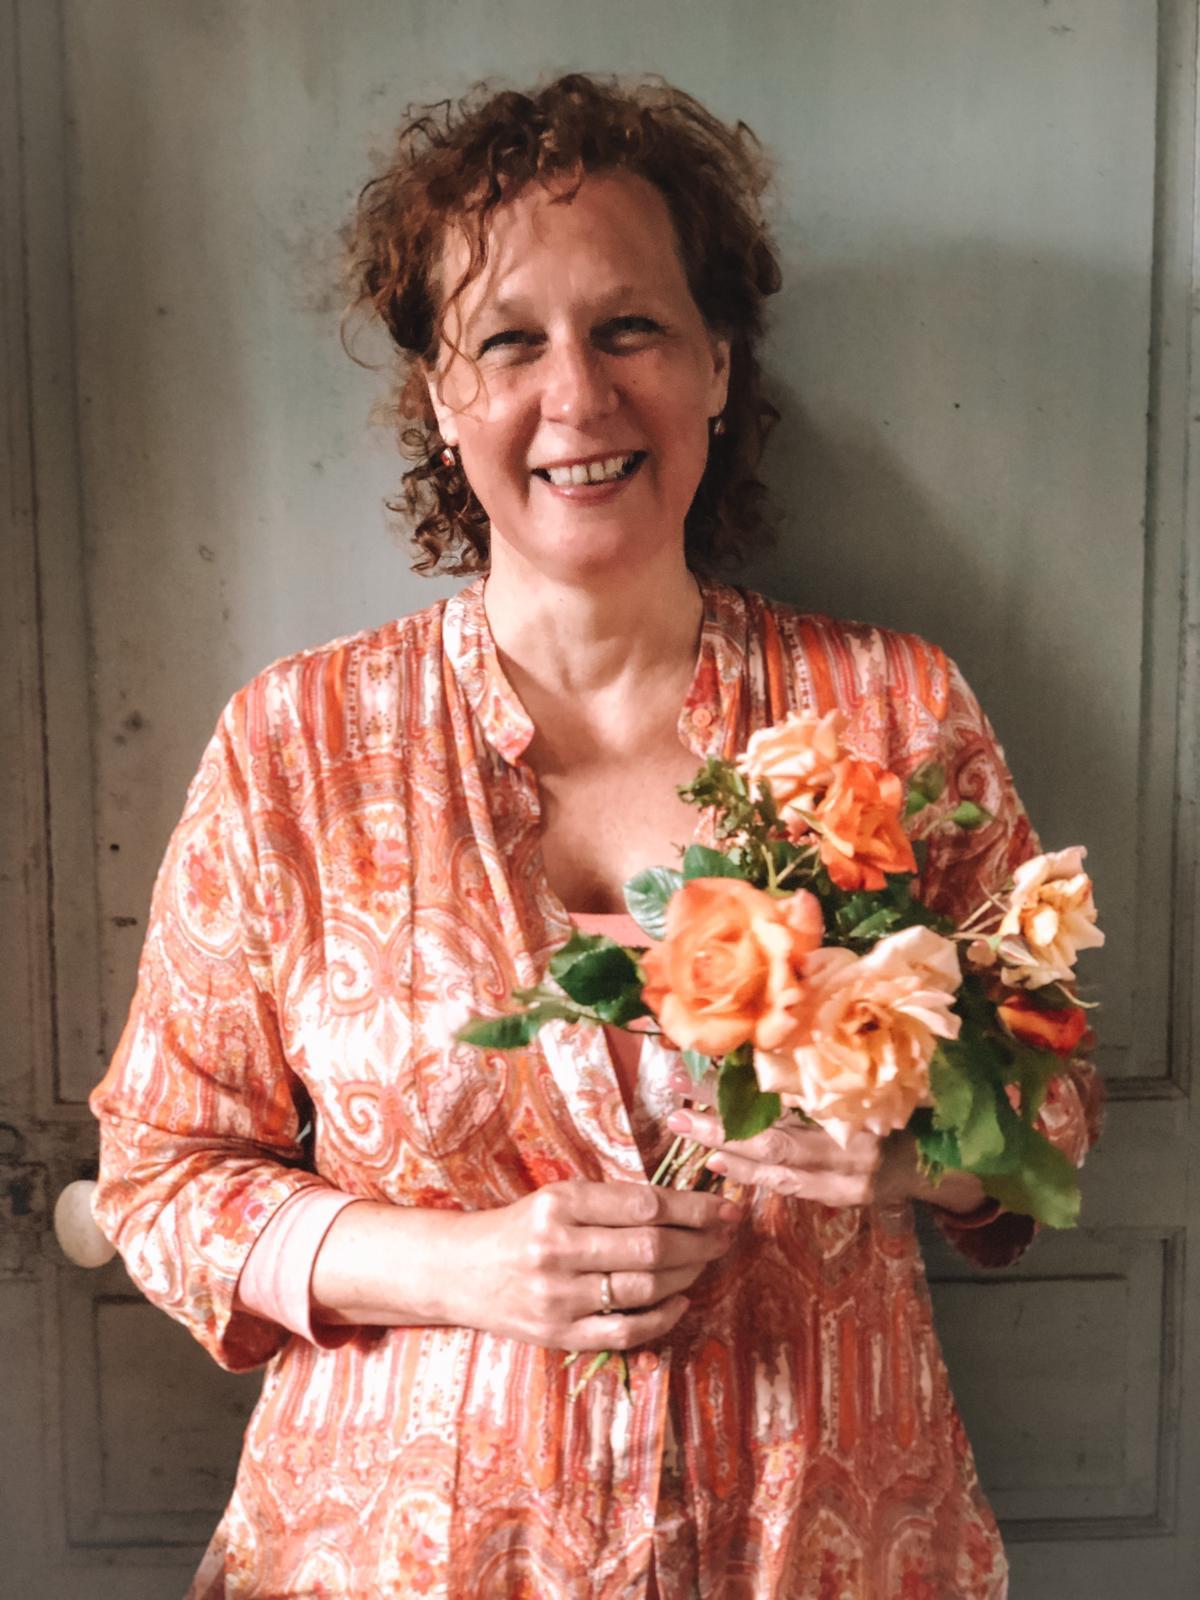 profiel foto van Petra Christina met in haar handen een bos rozen